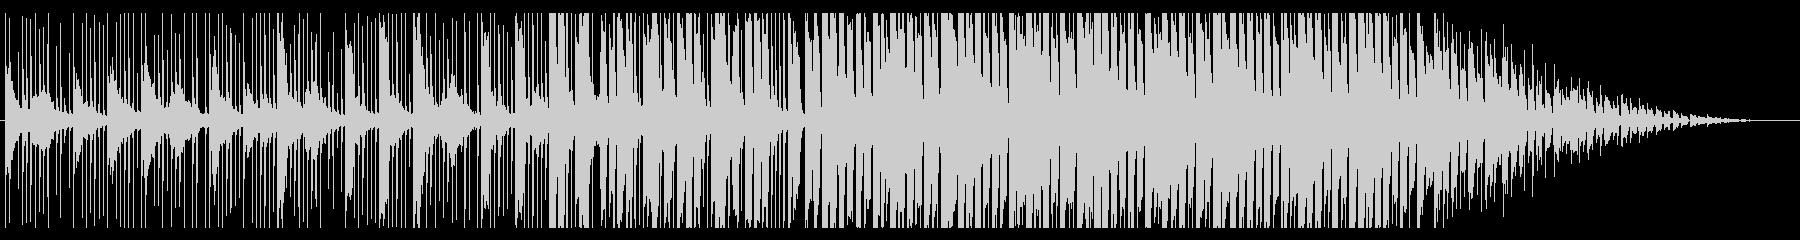 浮遊感/優しさ_No417_3の未再生の波形